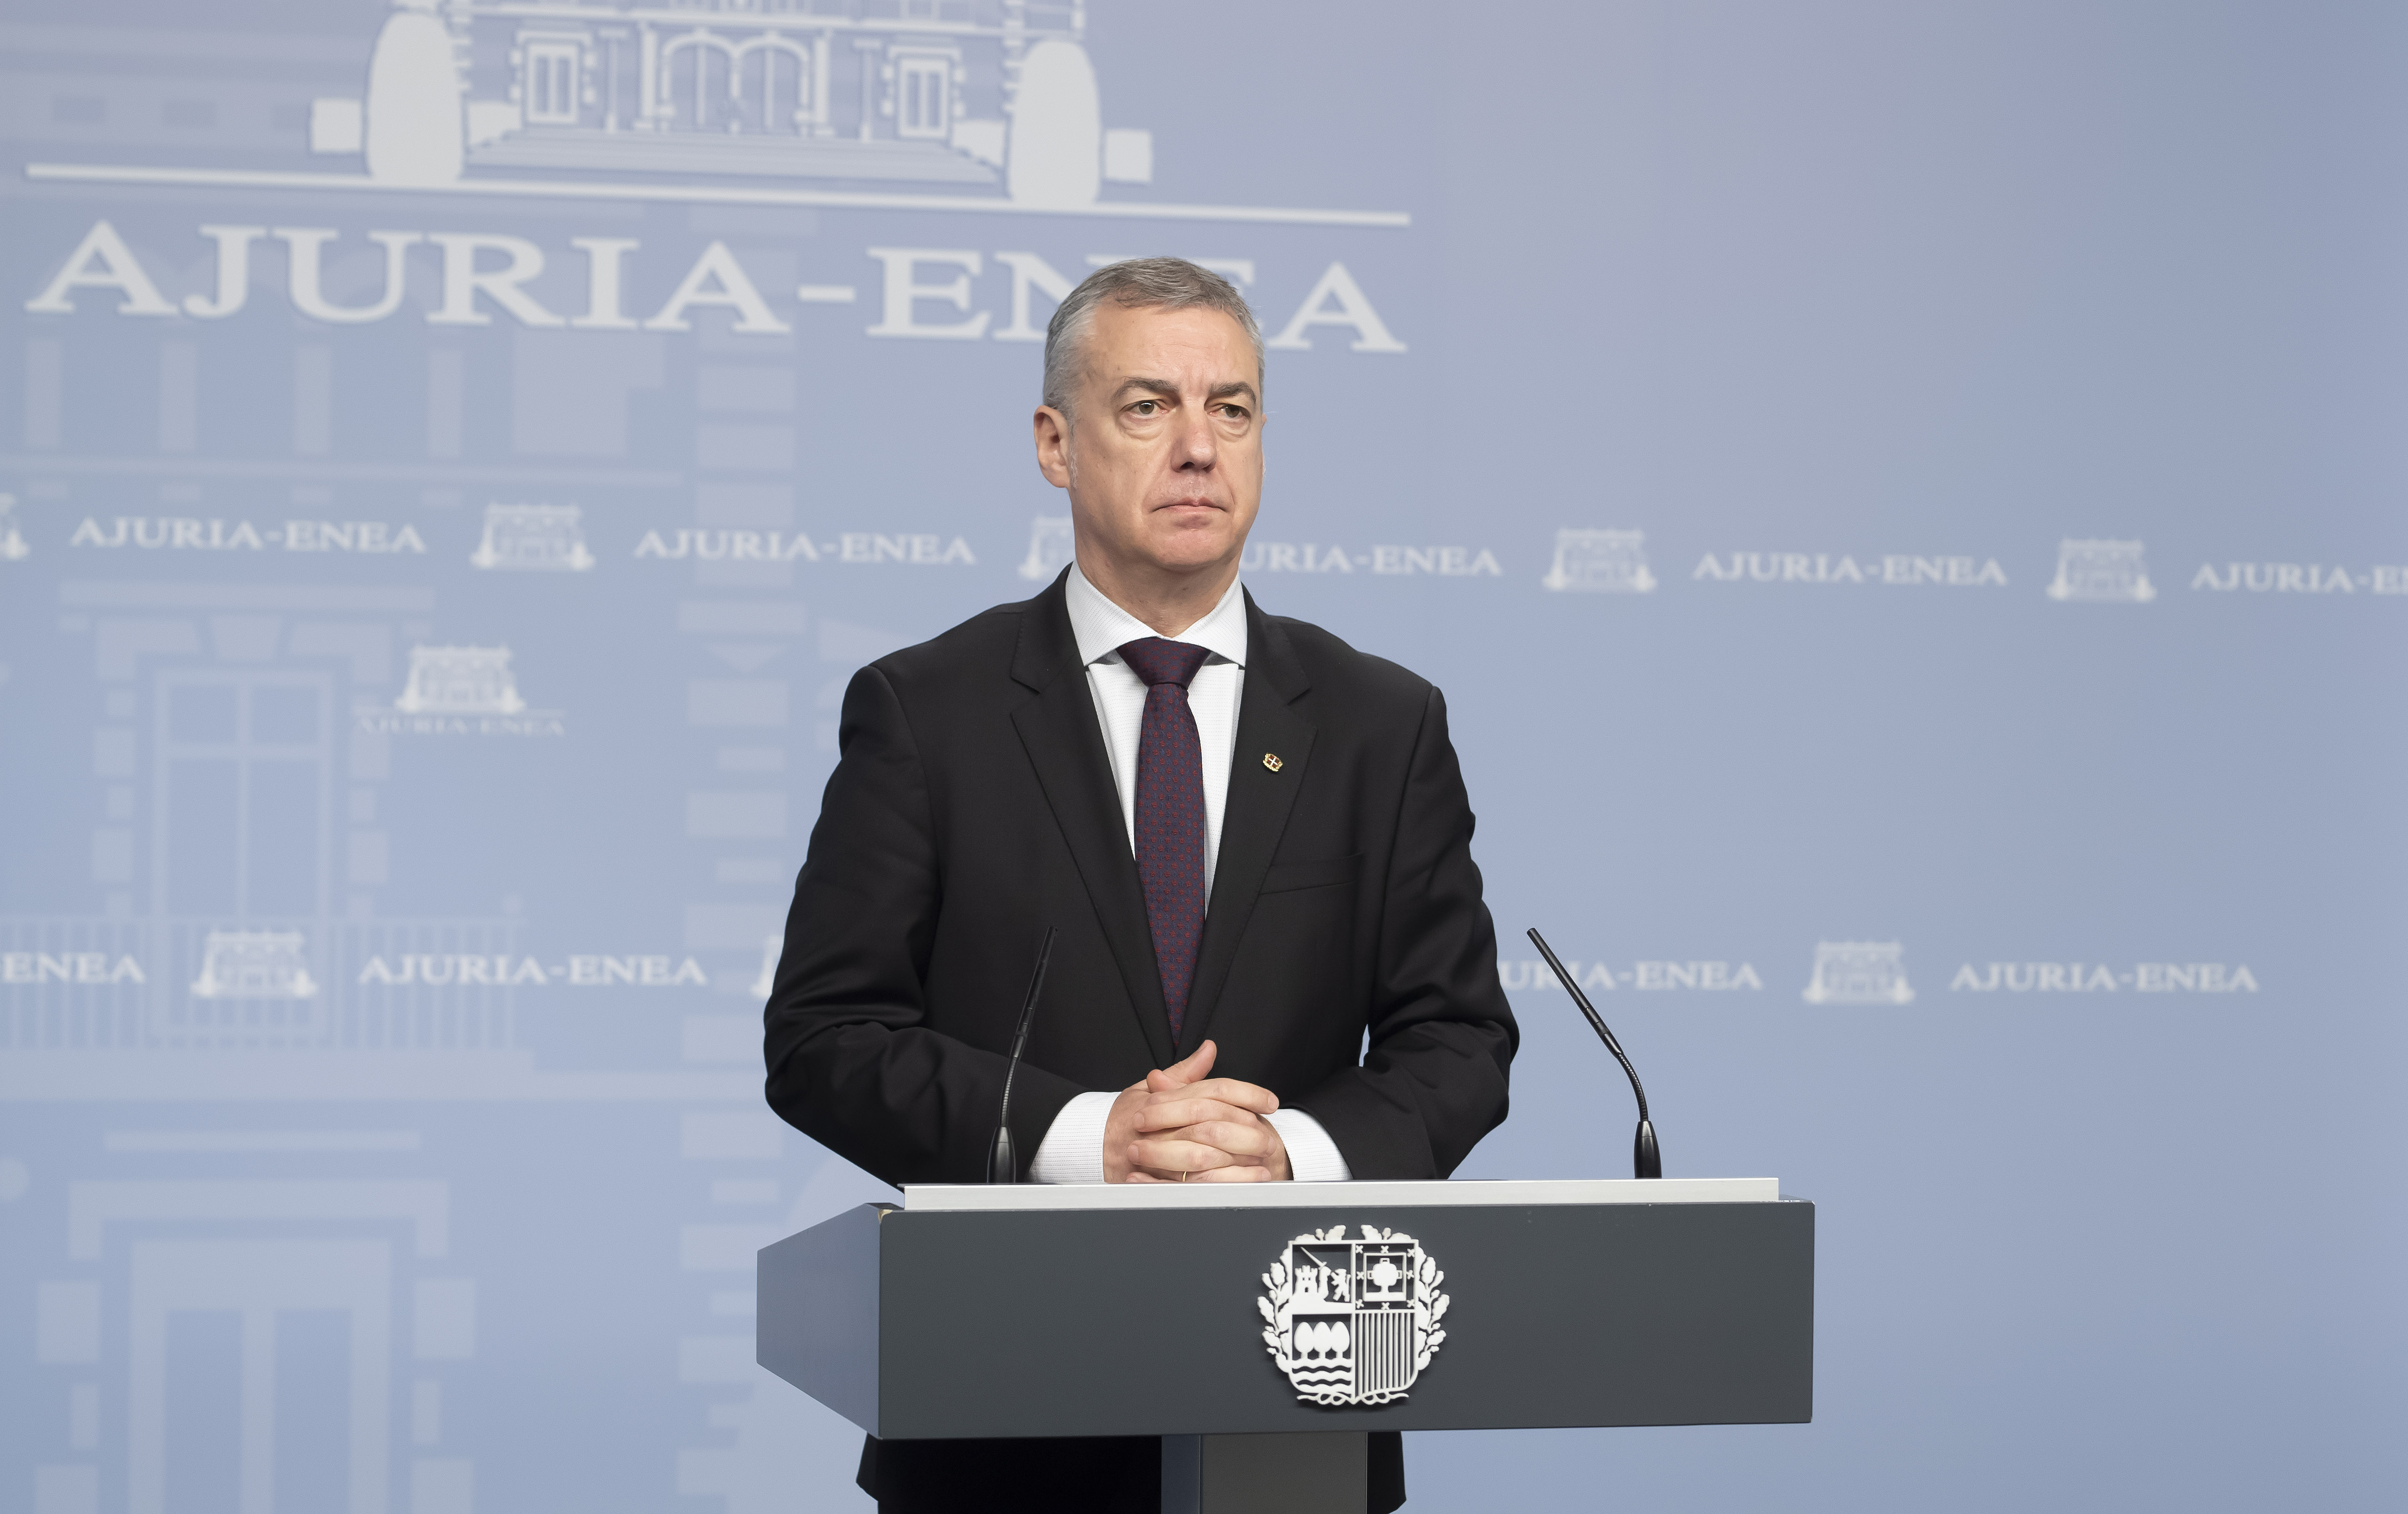 Declaración del Lehendakari. Medidas de Emergencia ante la situación creada por el coronavirus en Euskadi